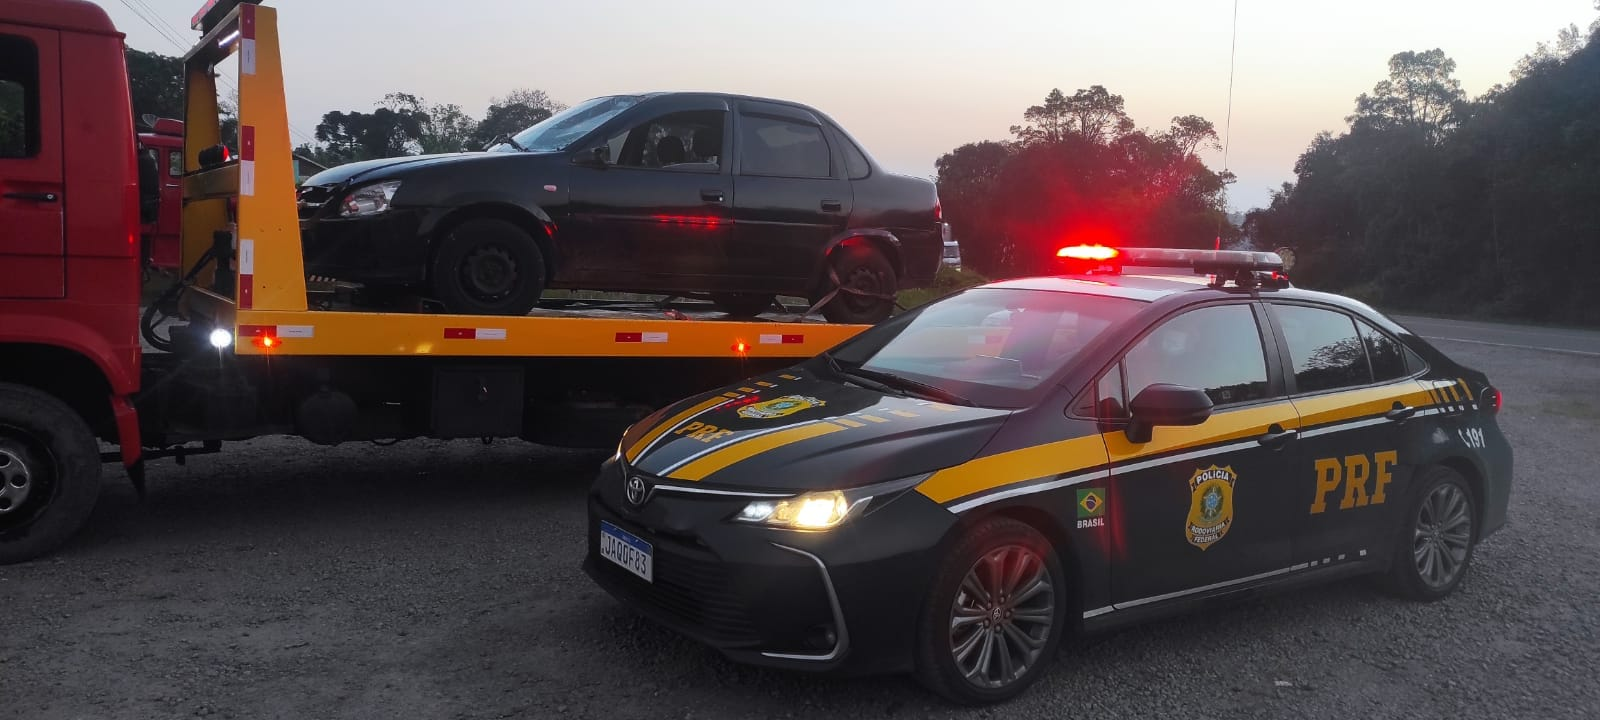 PRF localiza carro envolvido em atropelamento de ciclista em Bento